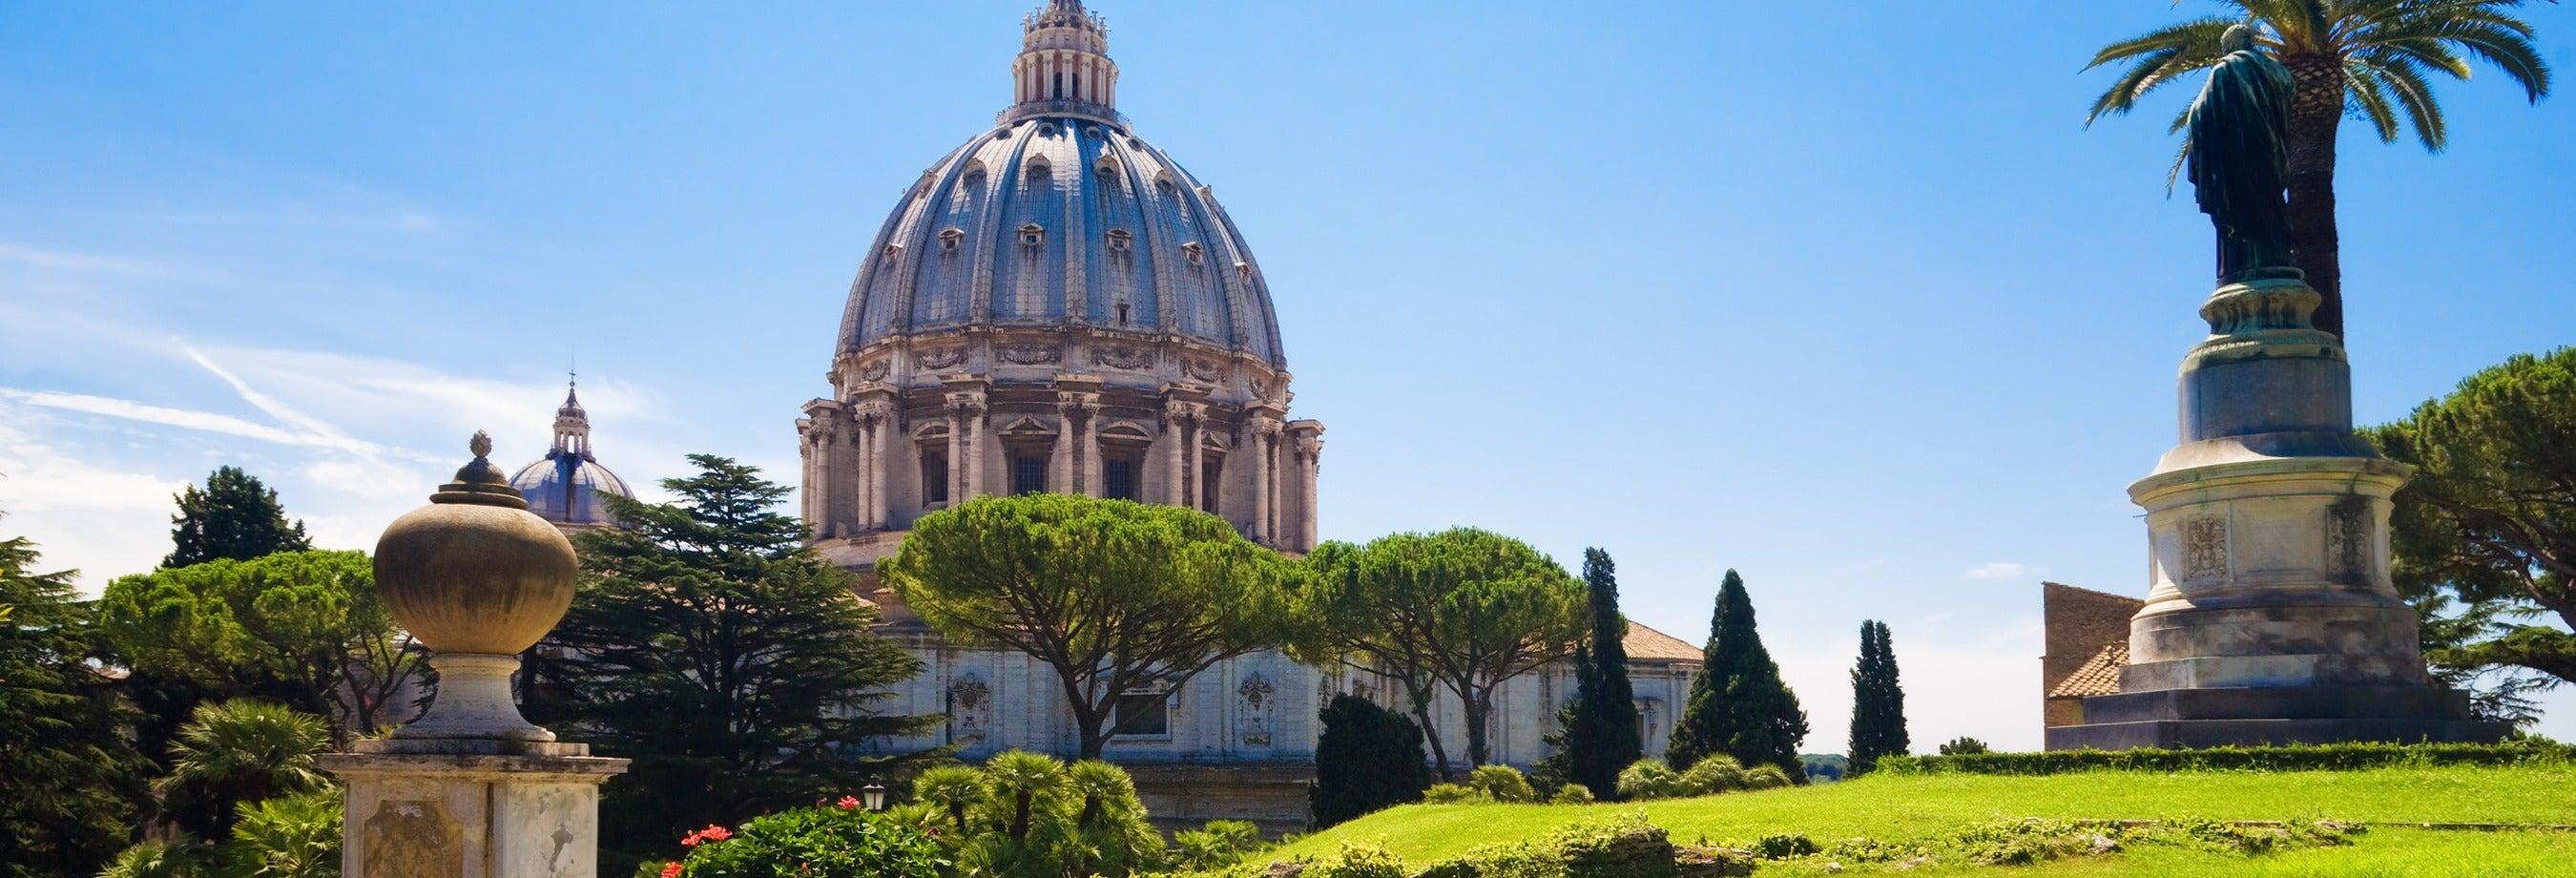 Jardins Vaticanos, Capela Sistina e Basílica de São Pedro